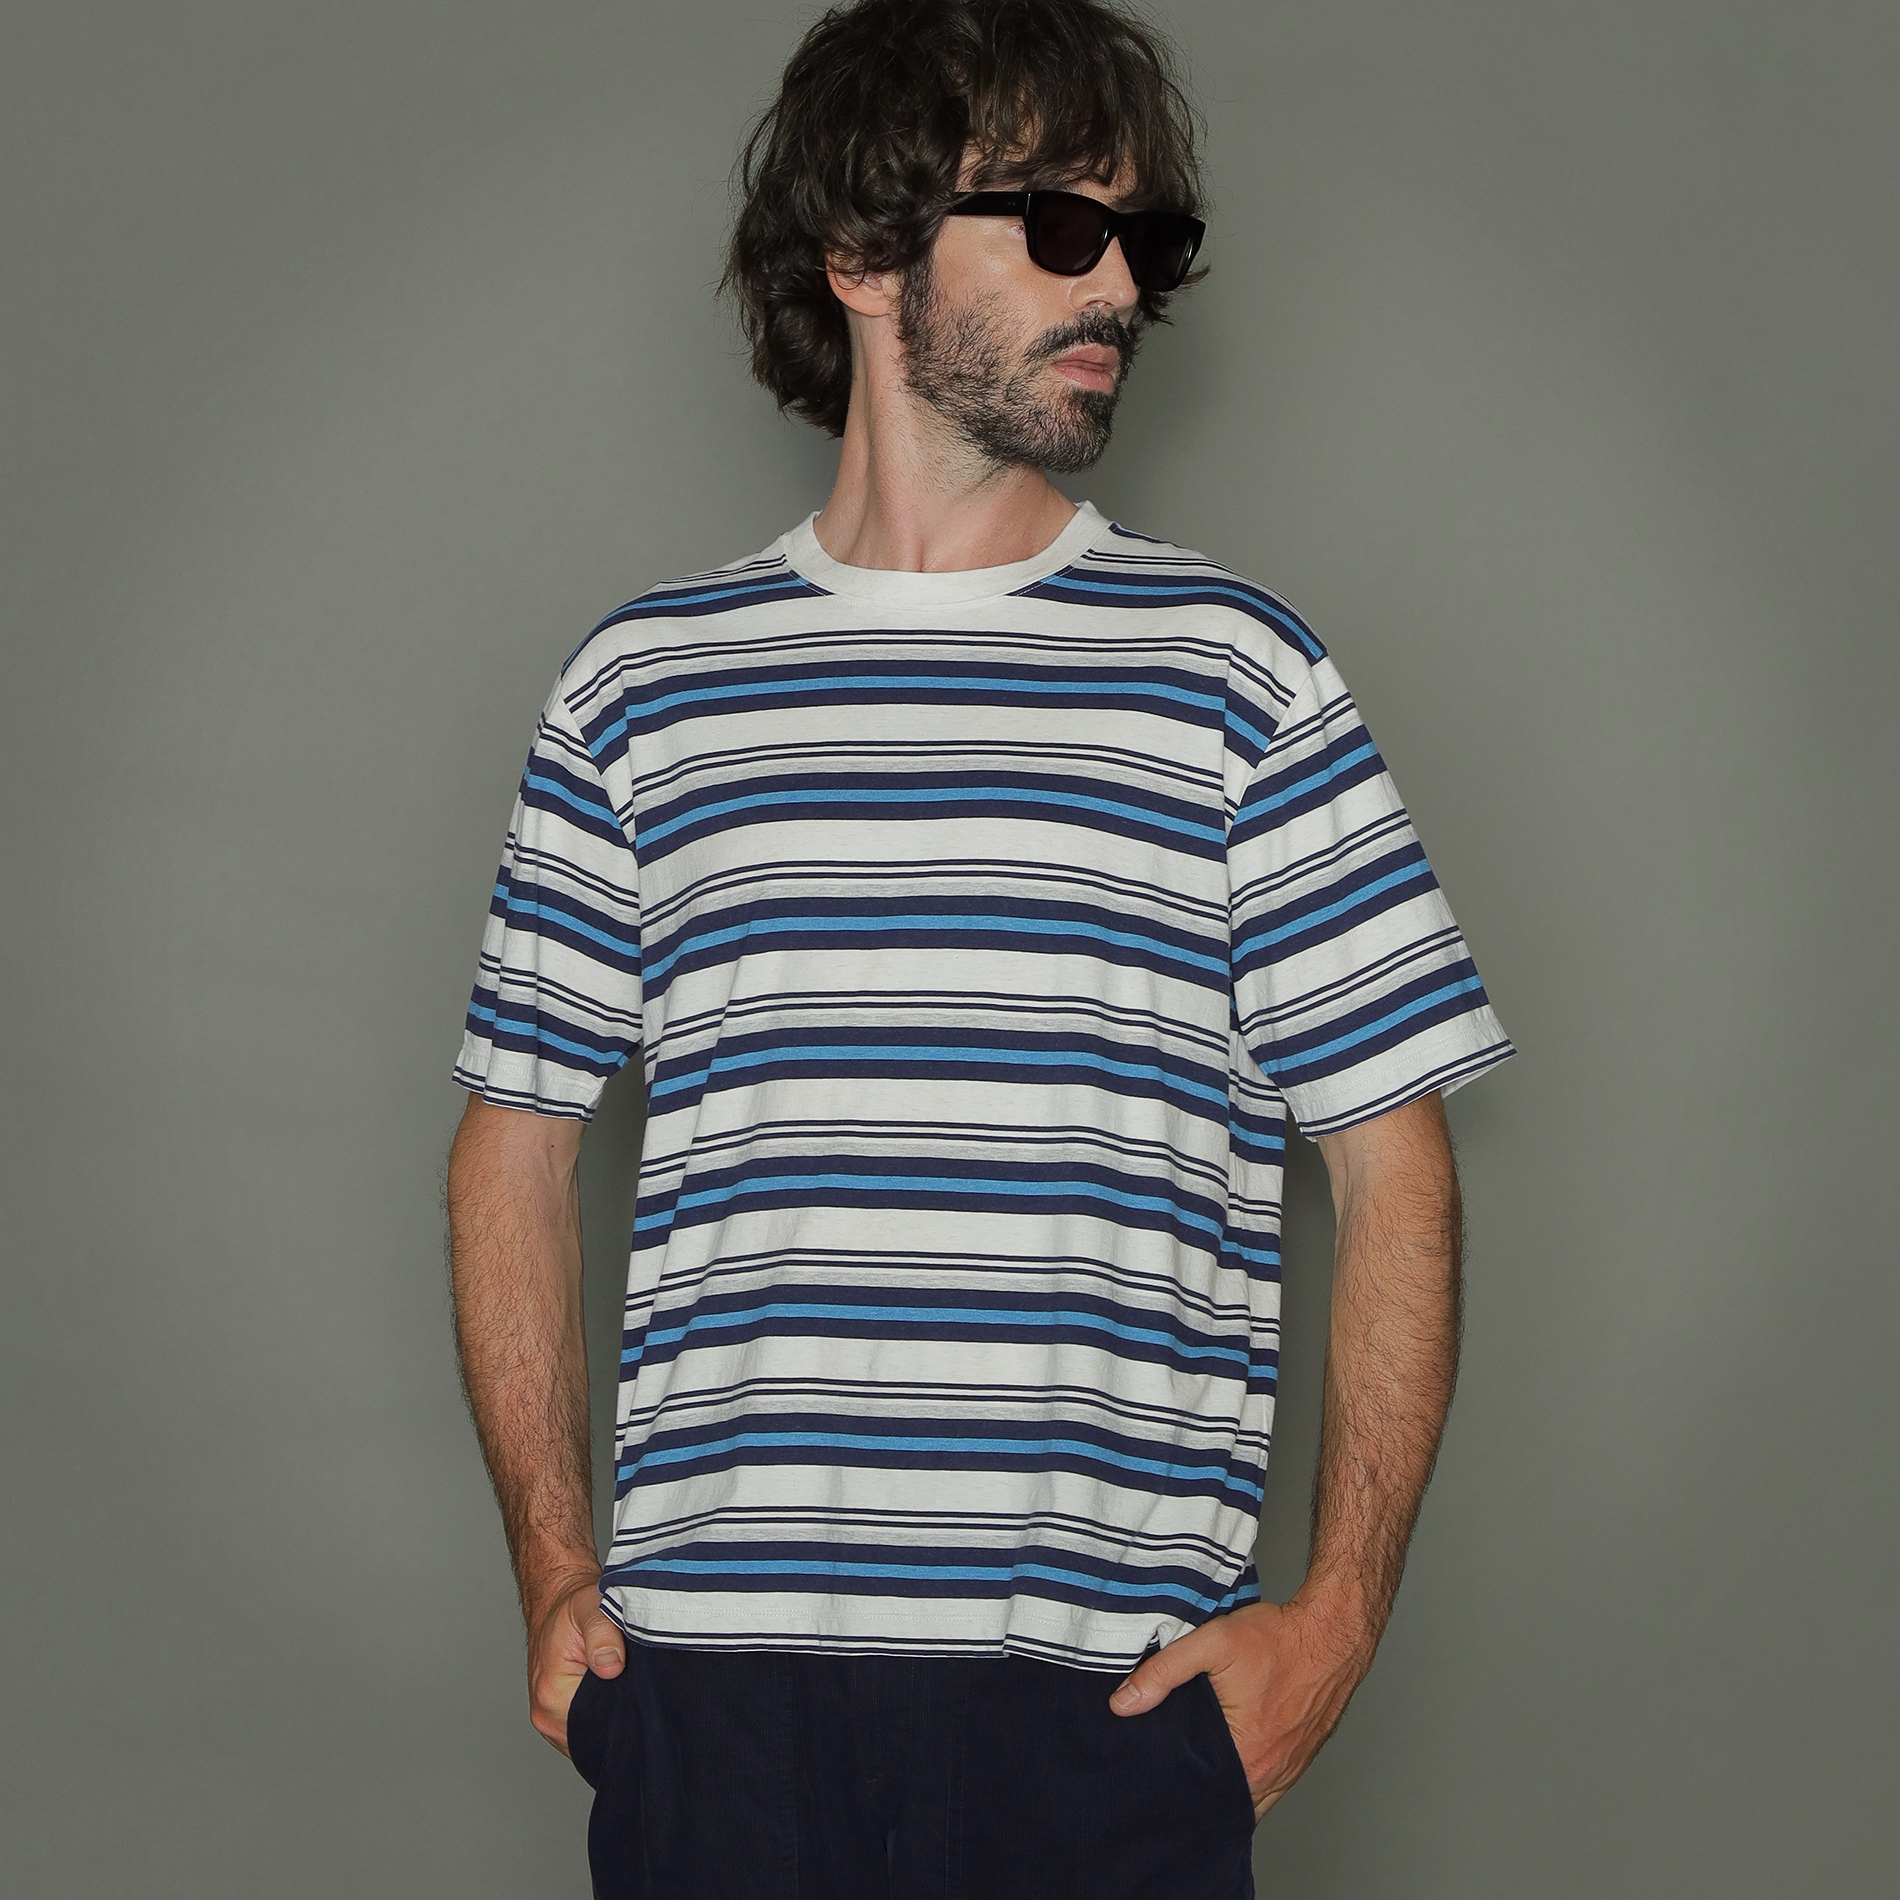 先染めマルチボーダーTシャツ